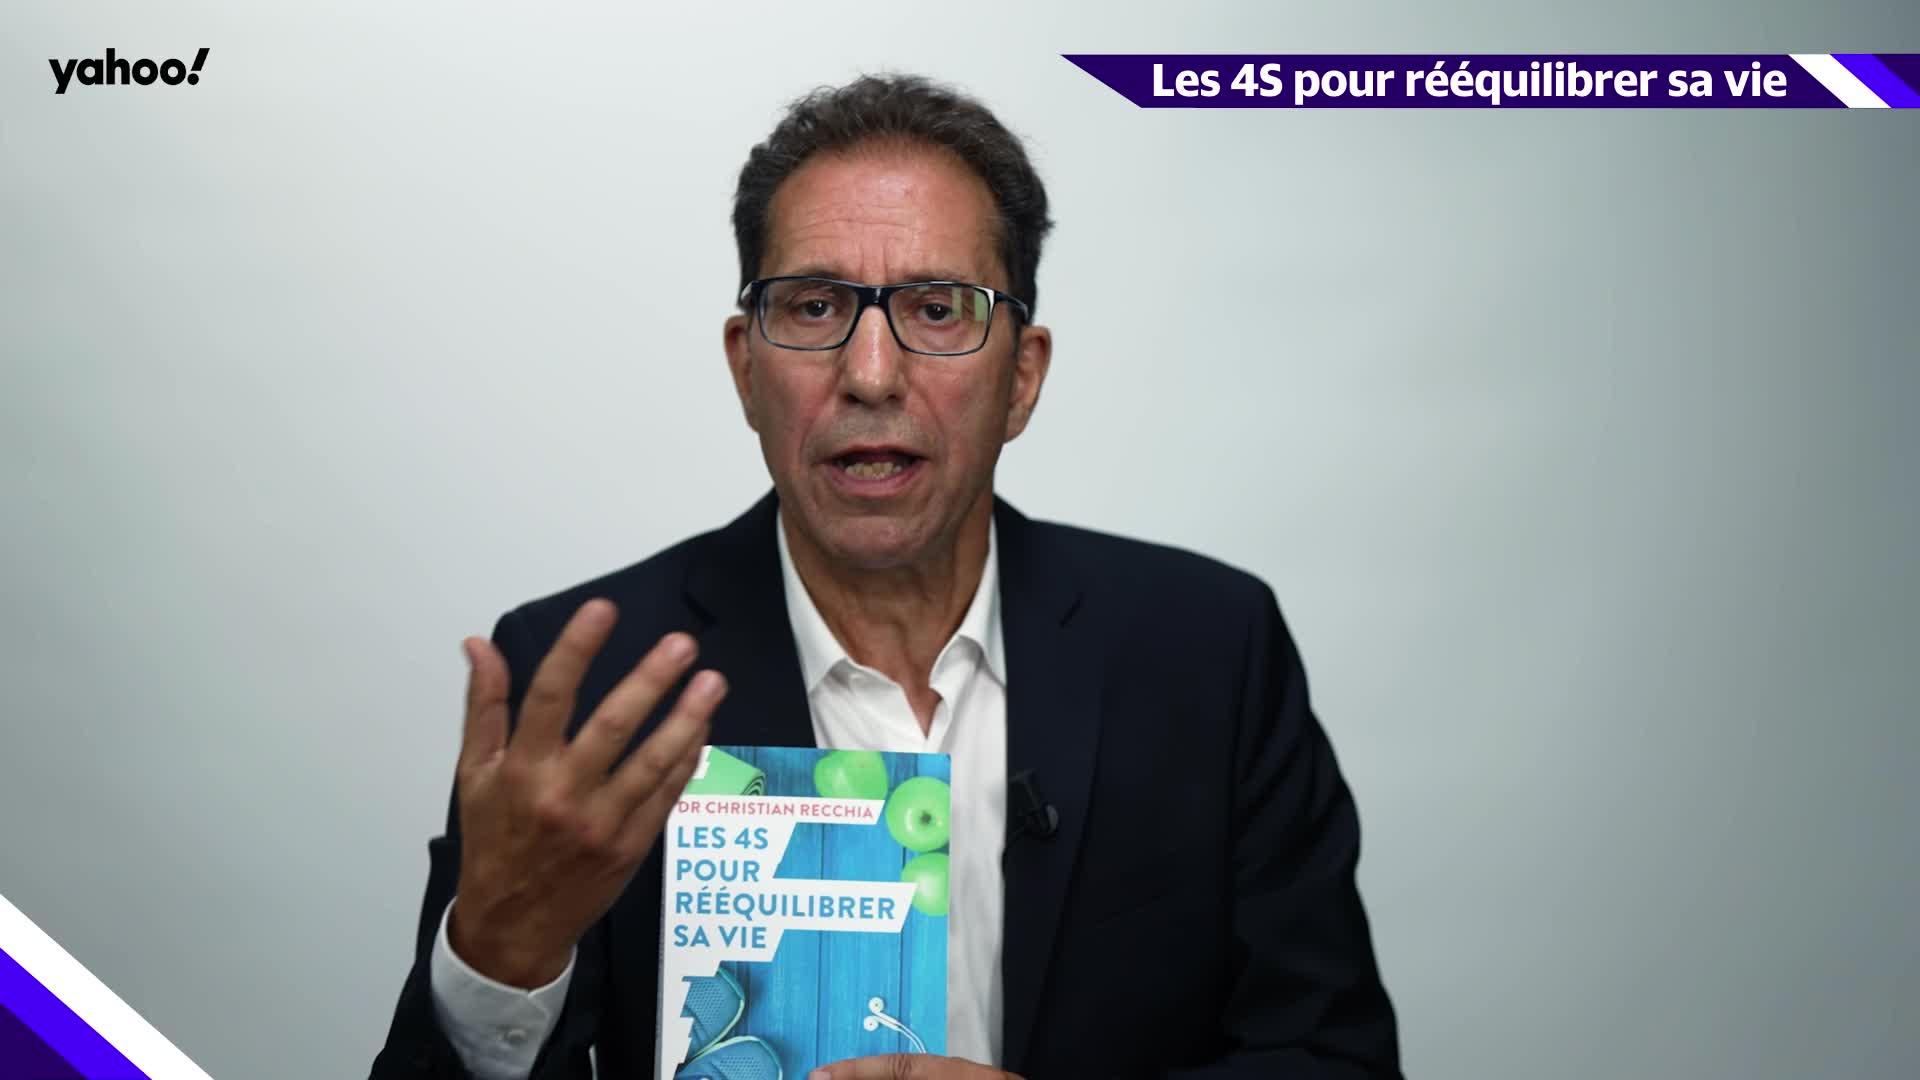 """Carnet de Santé - Dr Christian Recchia : Et si les principaux soucis de santé pouvaient être évités grâce aux """"4S """", le remède miracle pour rééquilibrer sa vie ?"""